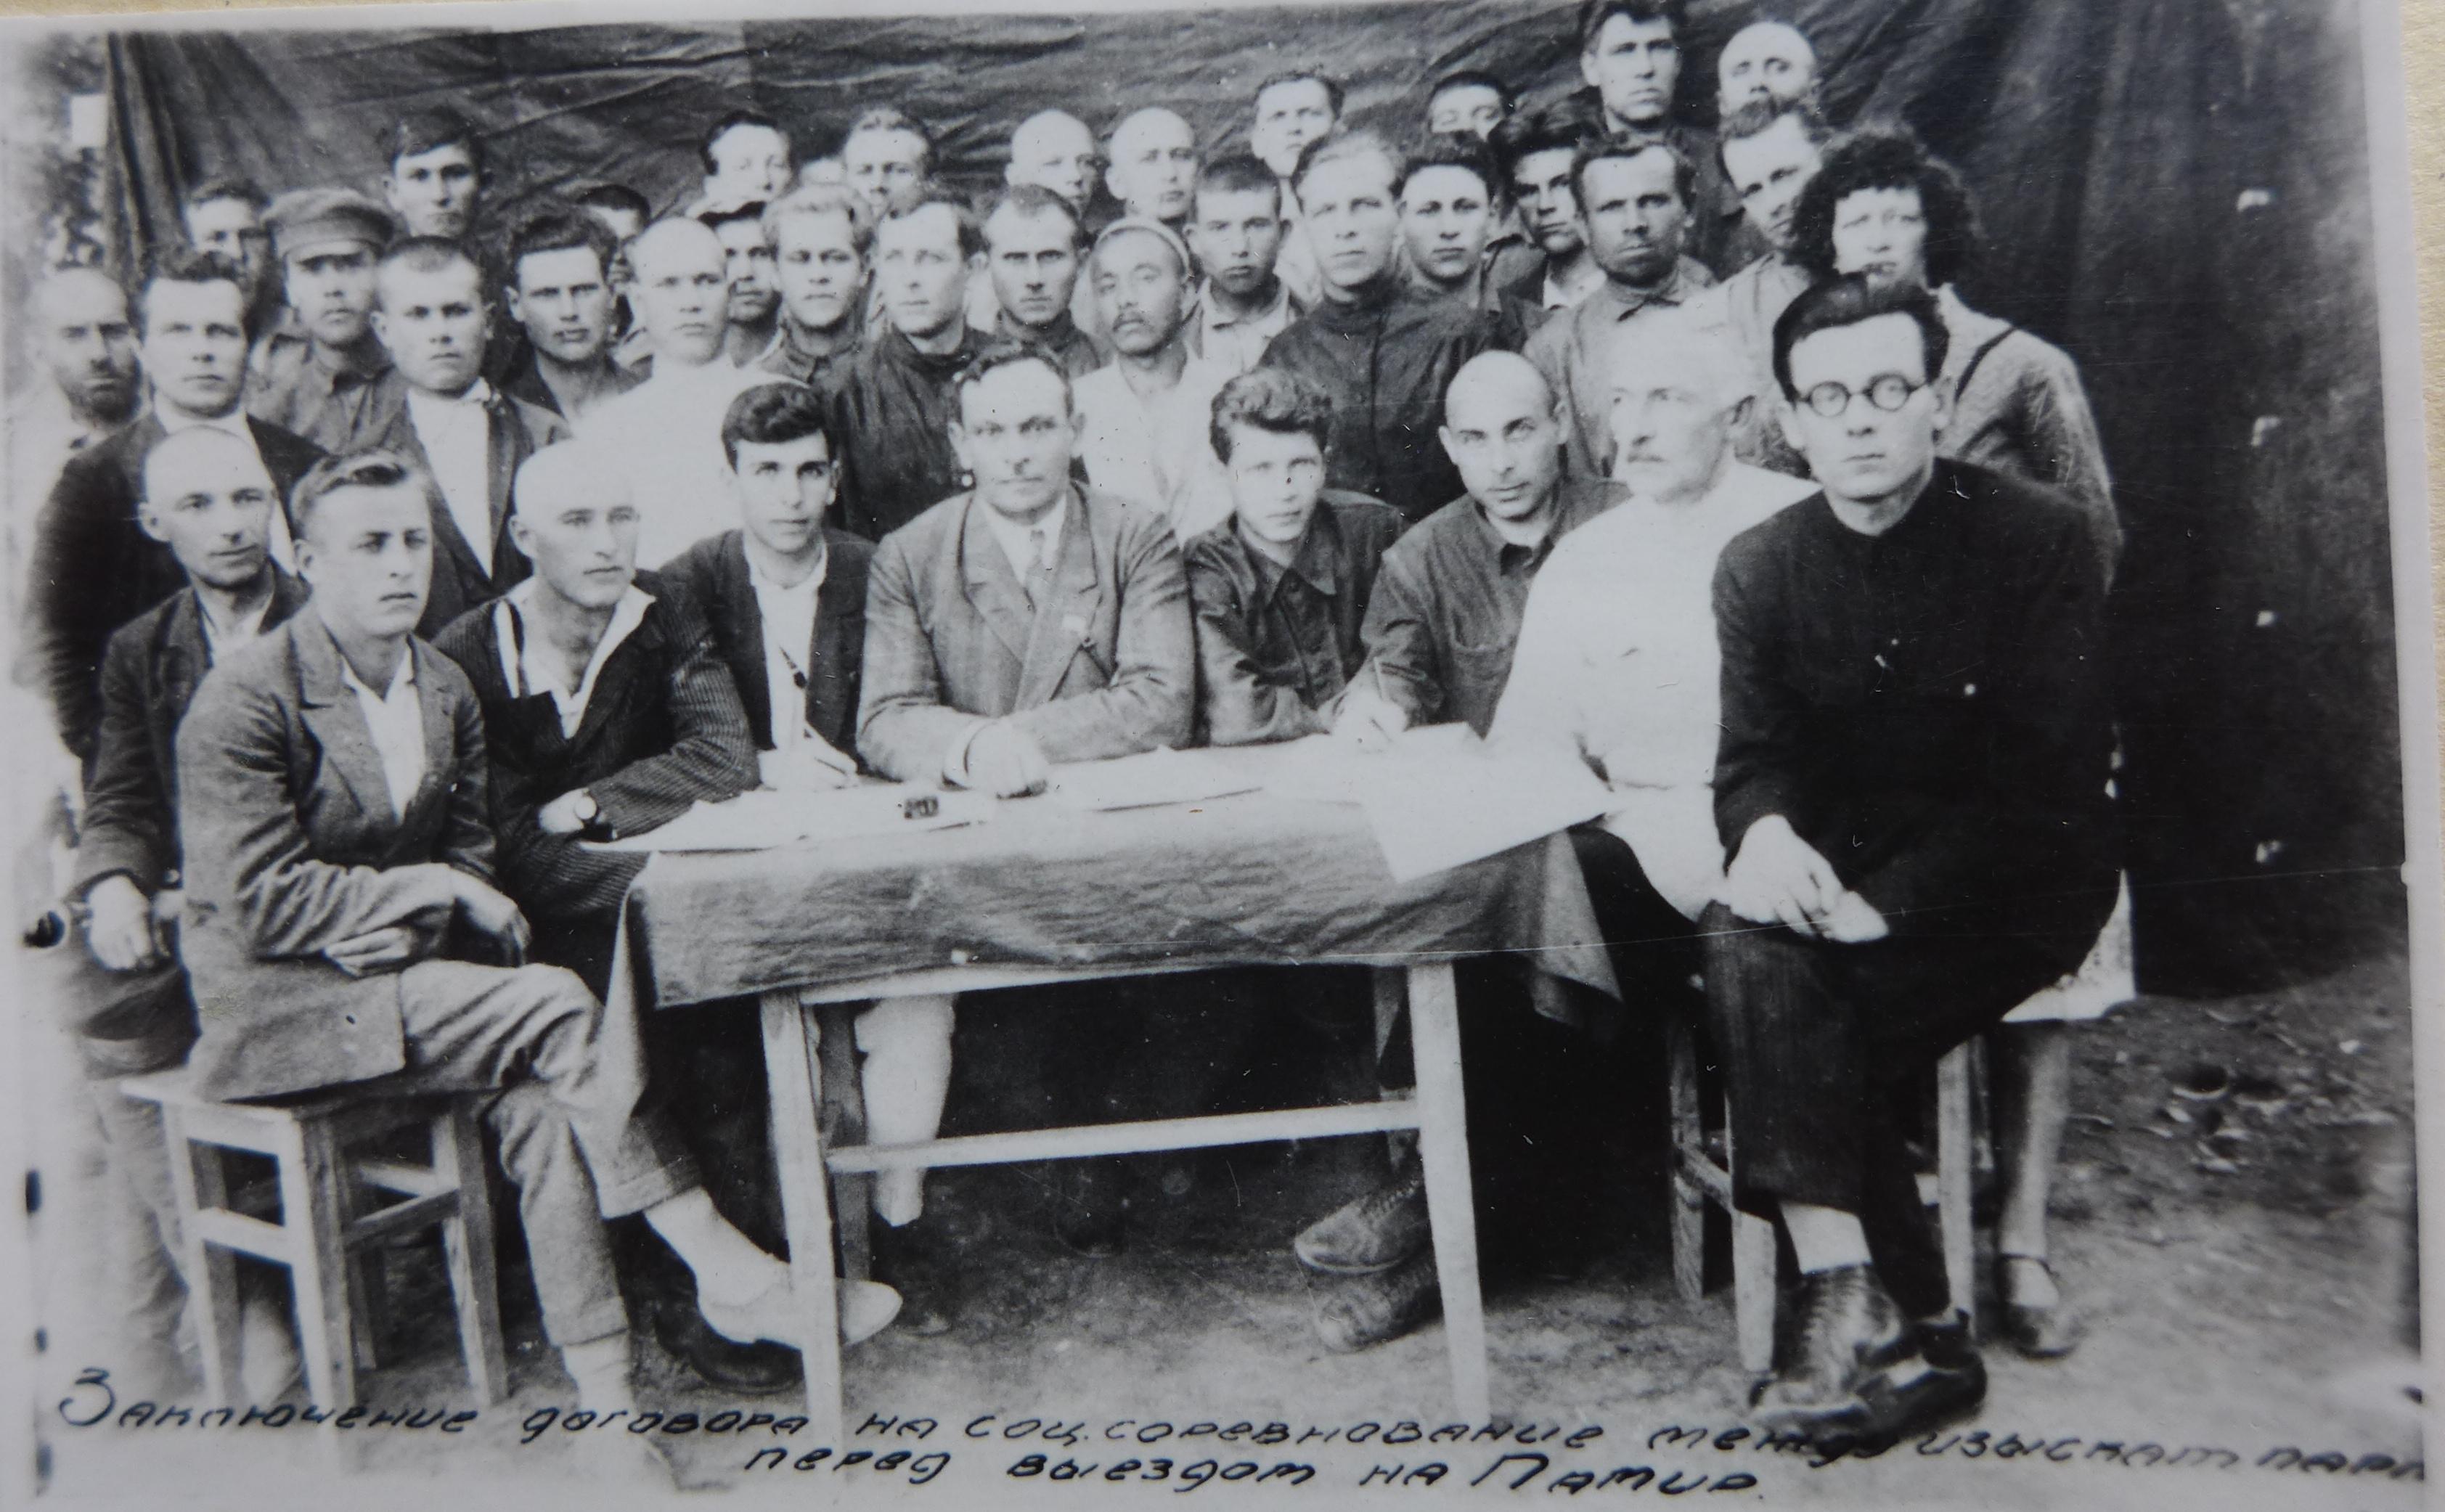 1940-й год. Наснимке геодезисты, топографы, руководители строительства перед отправкой напрокладку Большого Памирского тракта. Источник: Asia-Plus